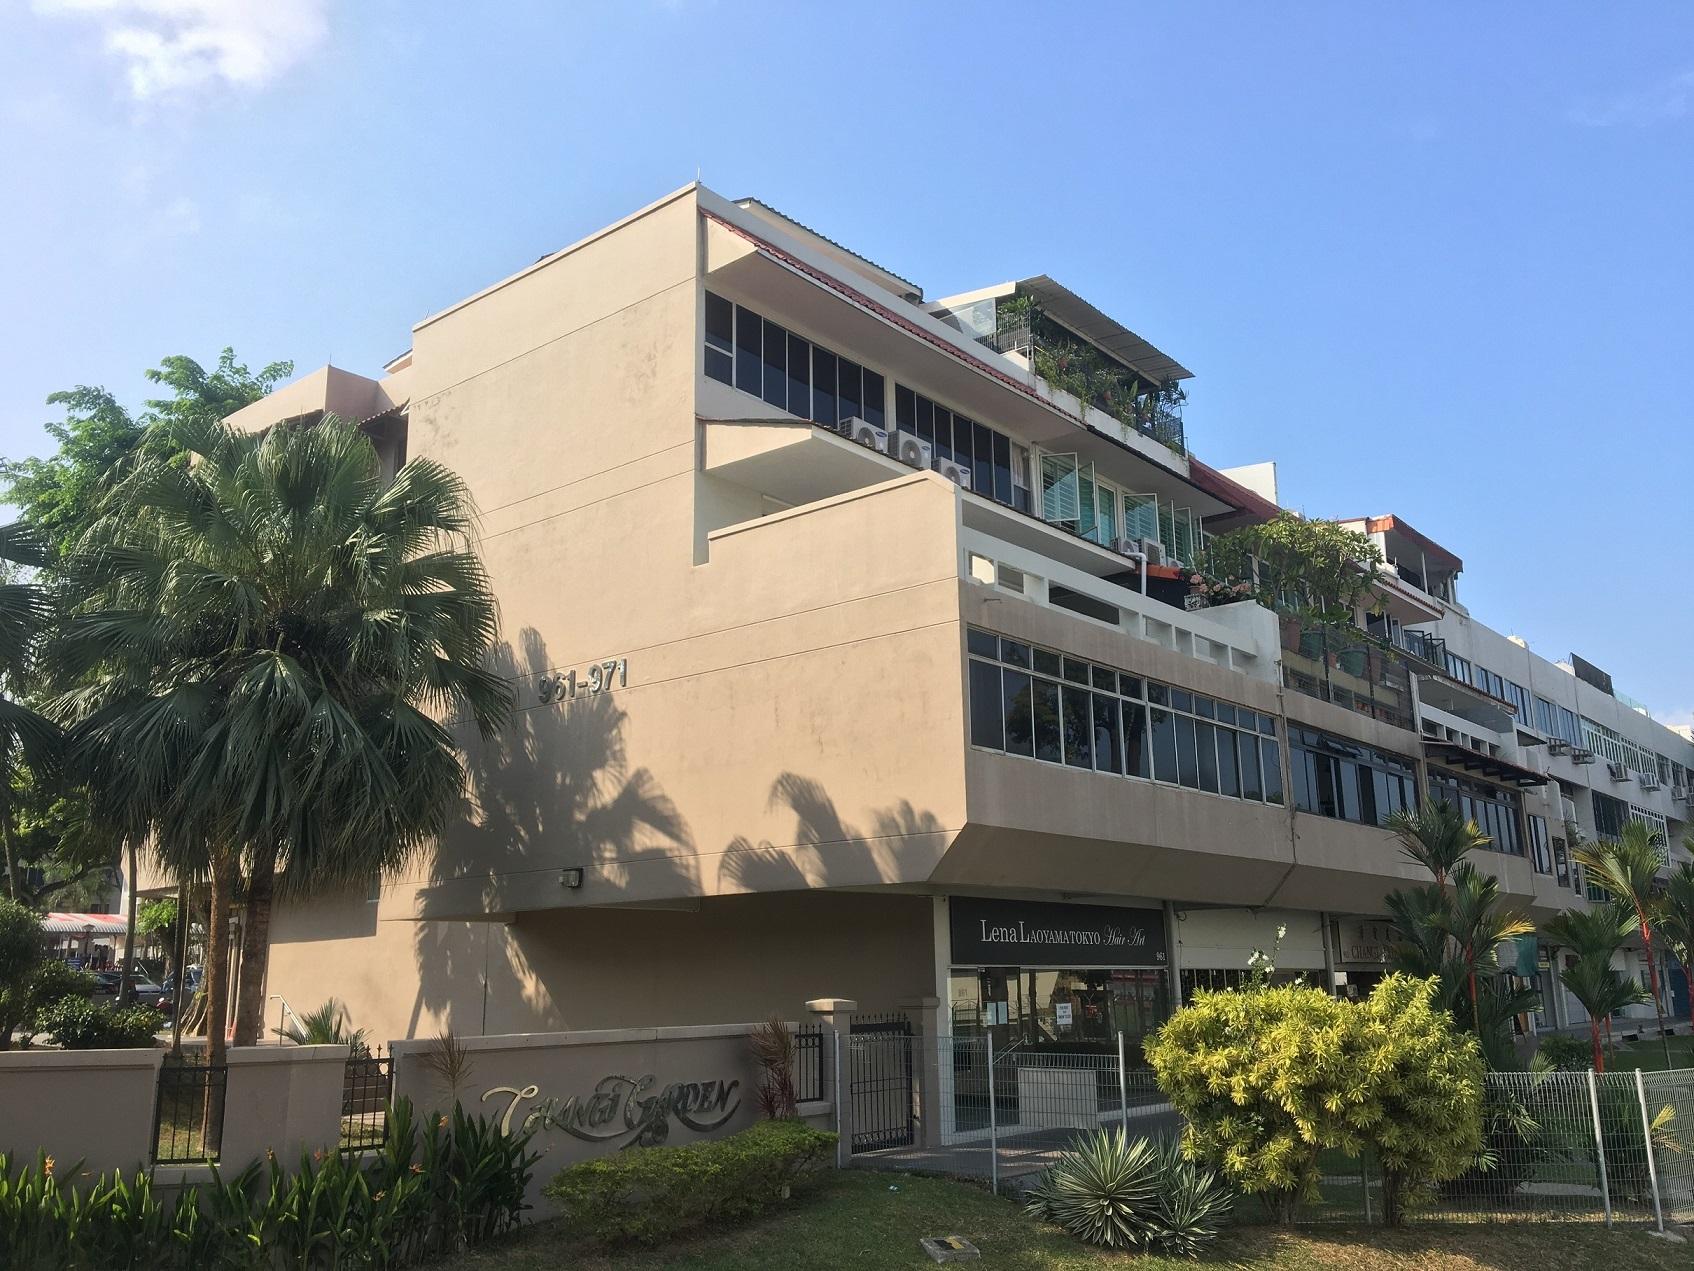 集永成 2017 年 10 月以2.488亿美元整体购买原樟宜花园,将其重新开发为混合用途项目Parc Komo(图片来源:ET&Co) - EDGEPROP SINGAPORE